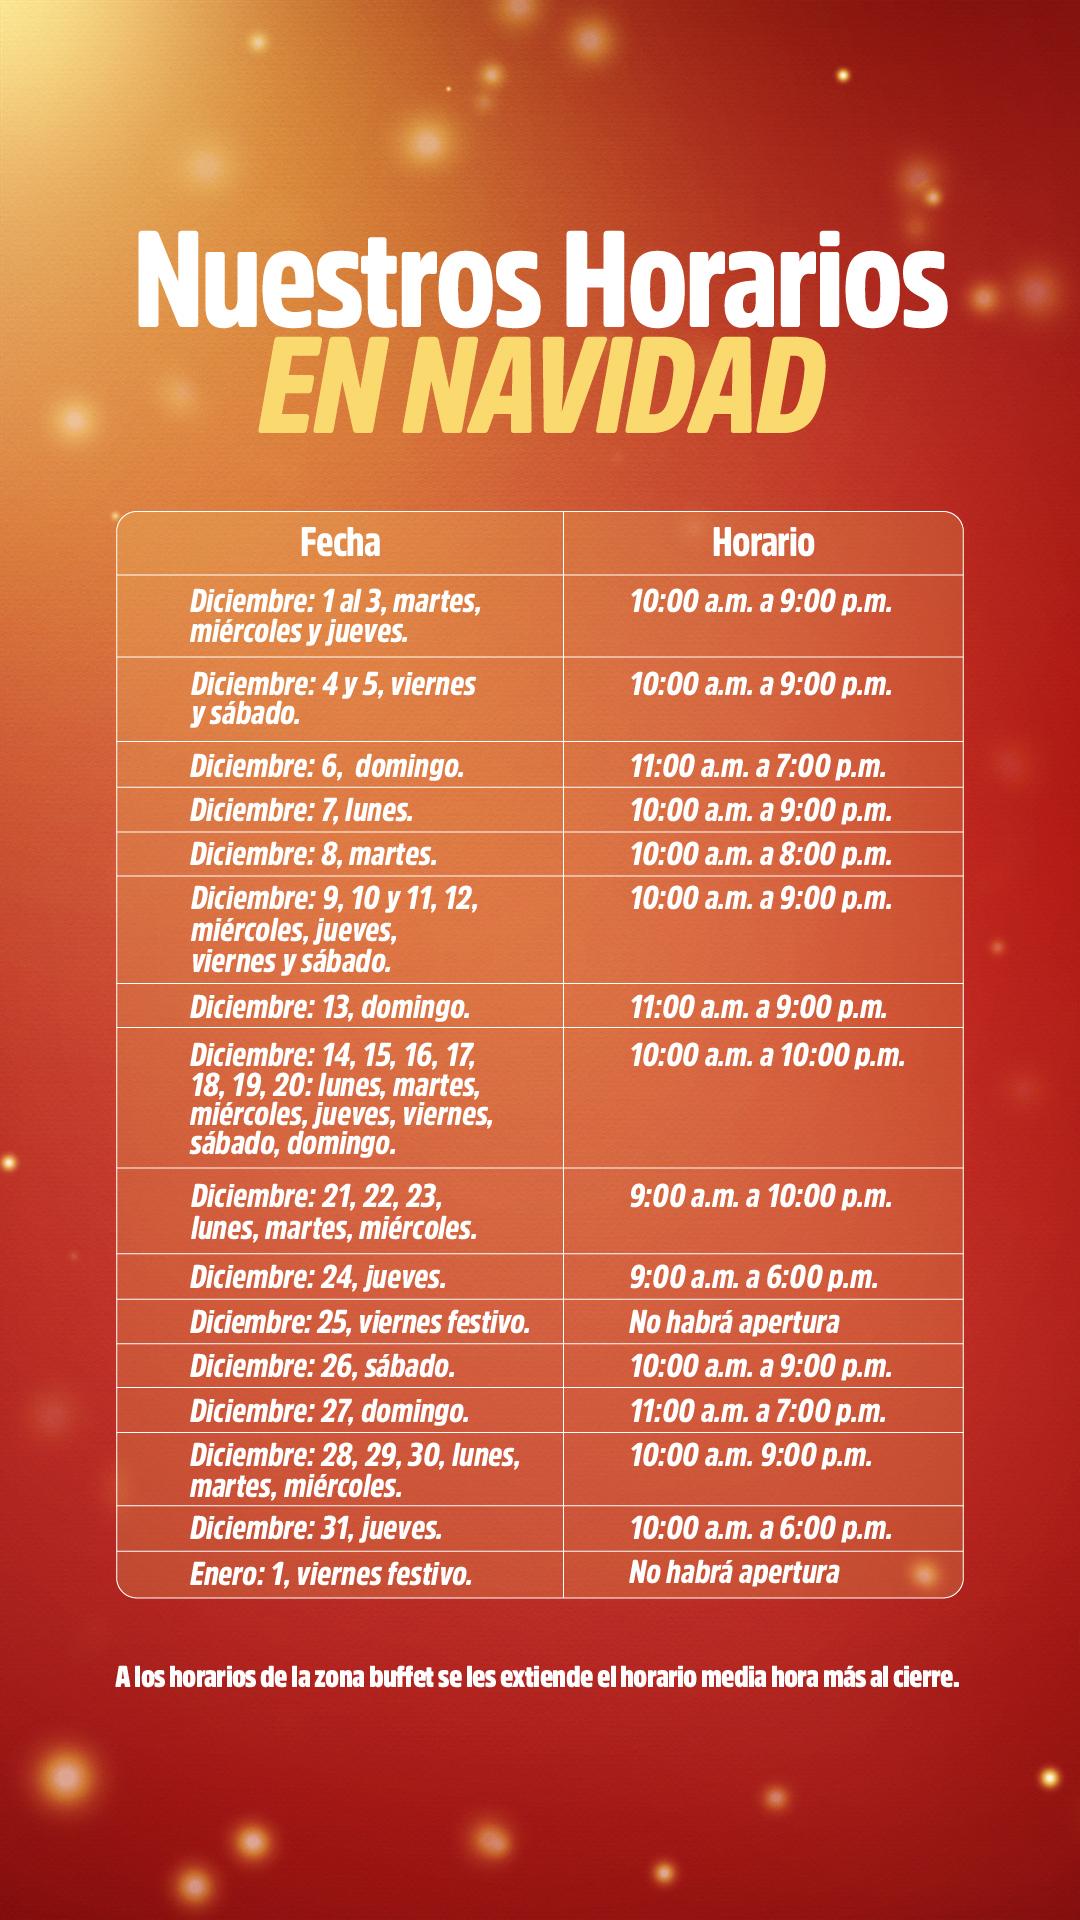 horarios diciembre